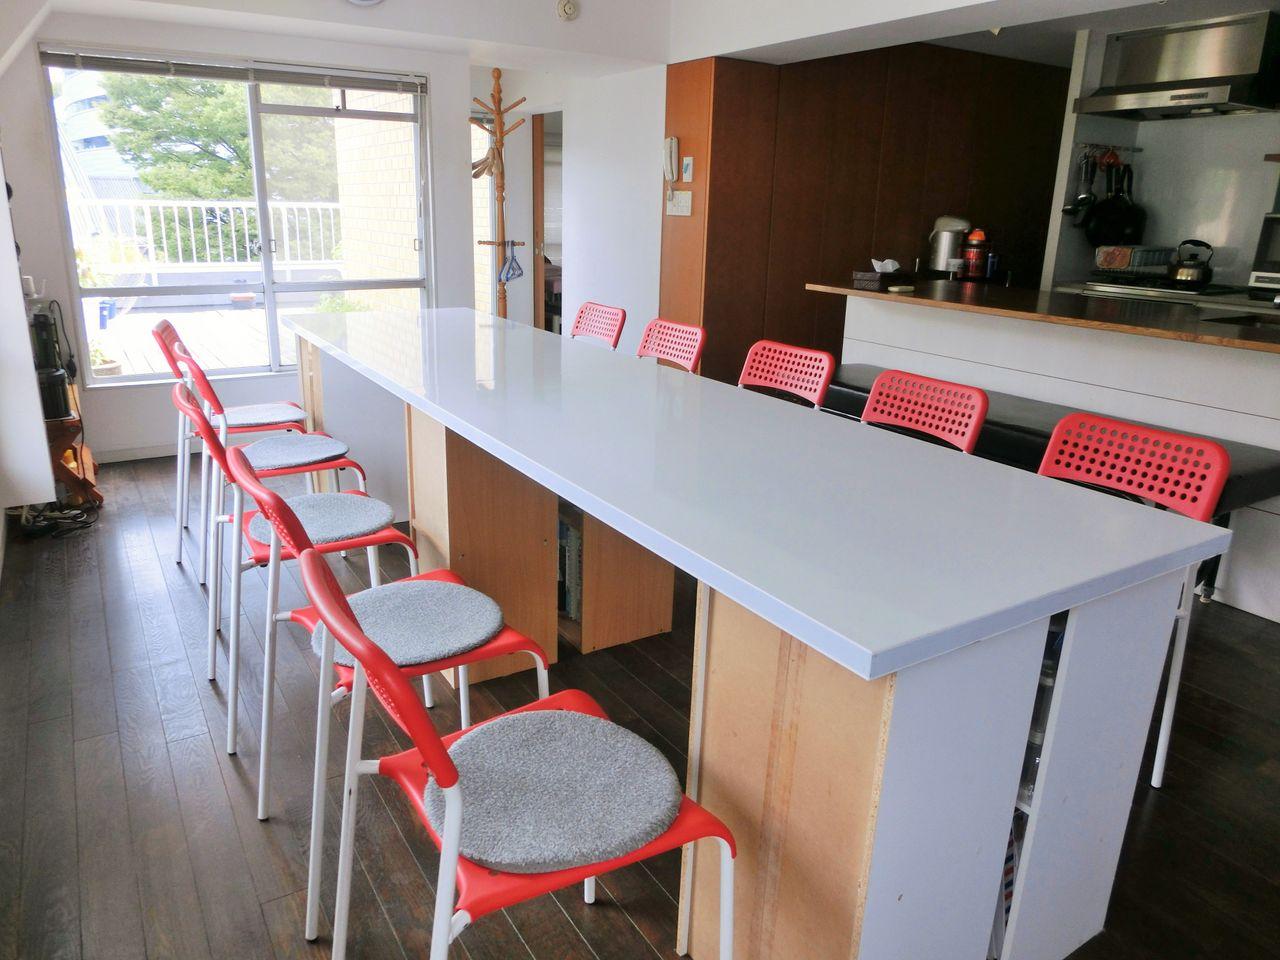 【目黒】個人サロンや食事会に最適なプライベートスタジオ「ボディメイク&ボディケアハウス」